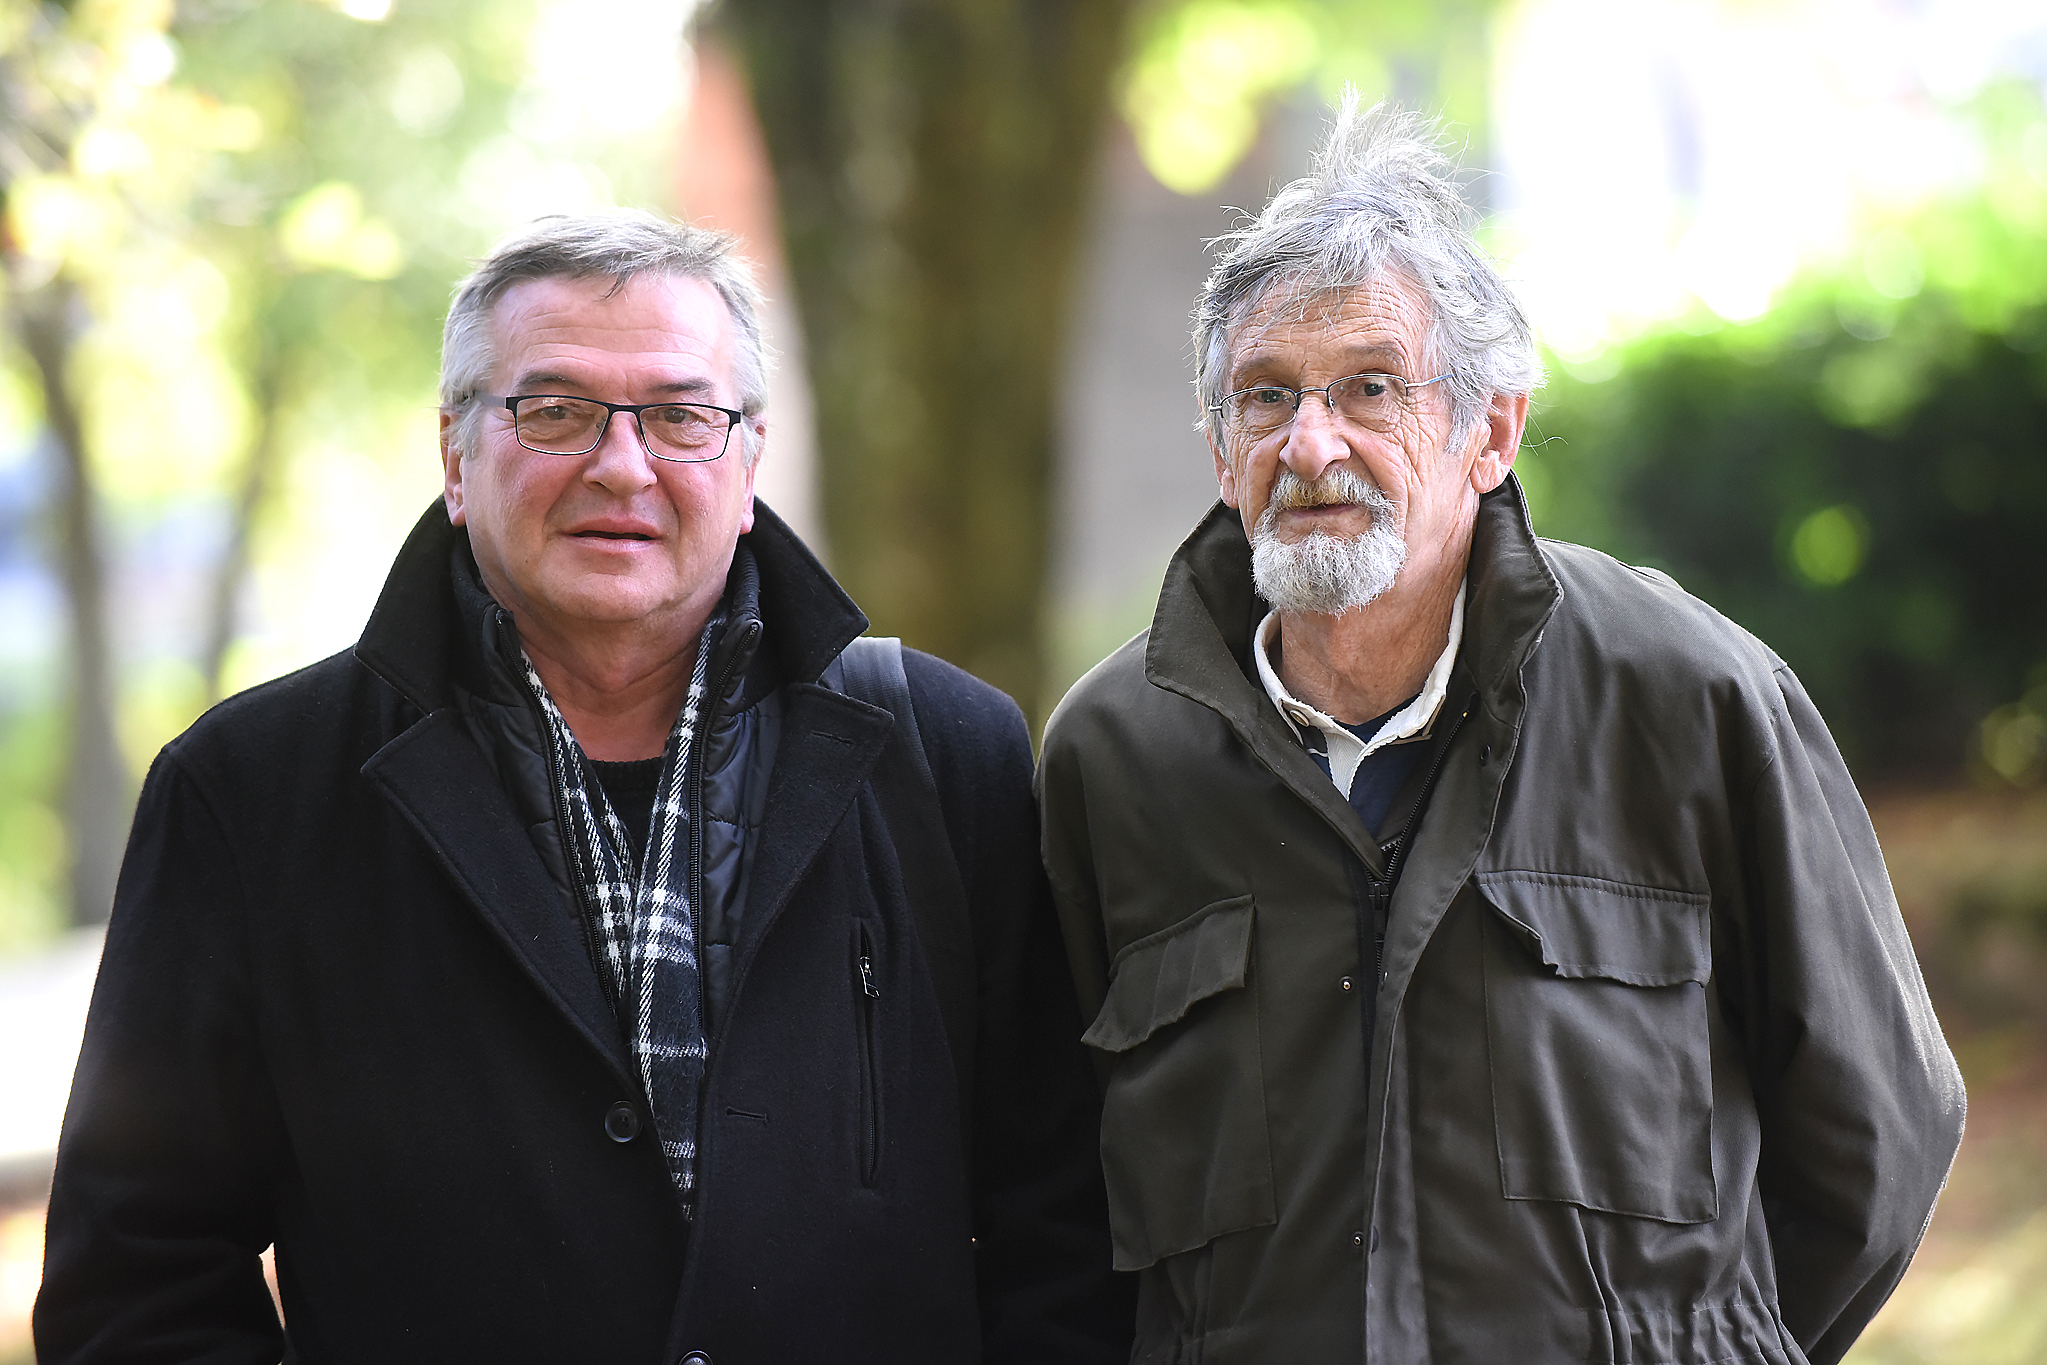 Brigadir Stanislav Linić i pričuvni bojnik Ivan Lerga danas su stanovnici Gorskog kotara, Crnog Luga i Skrada / Snimio Sergej DRECHSLER